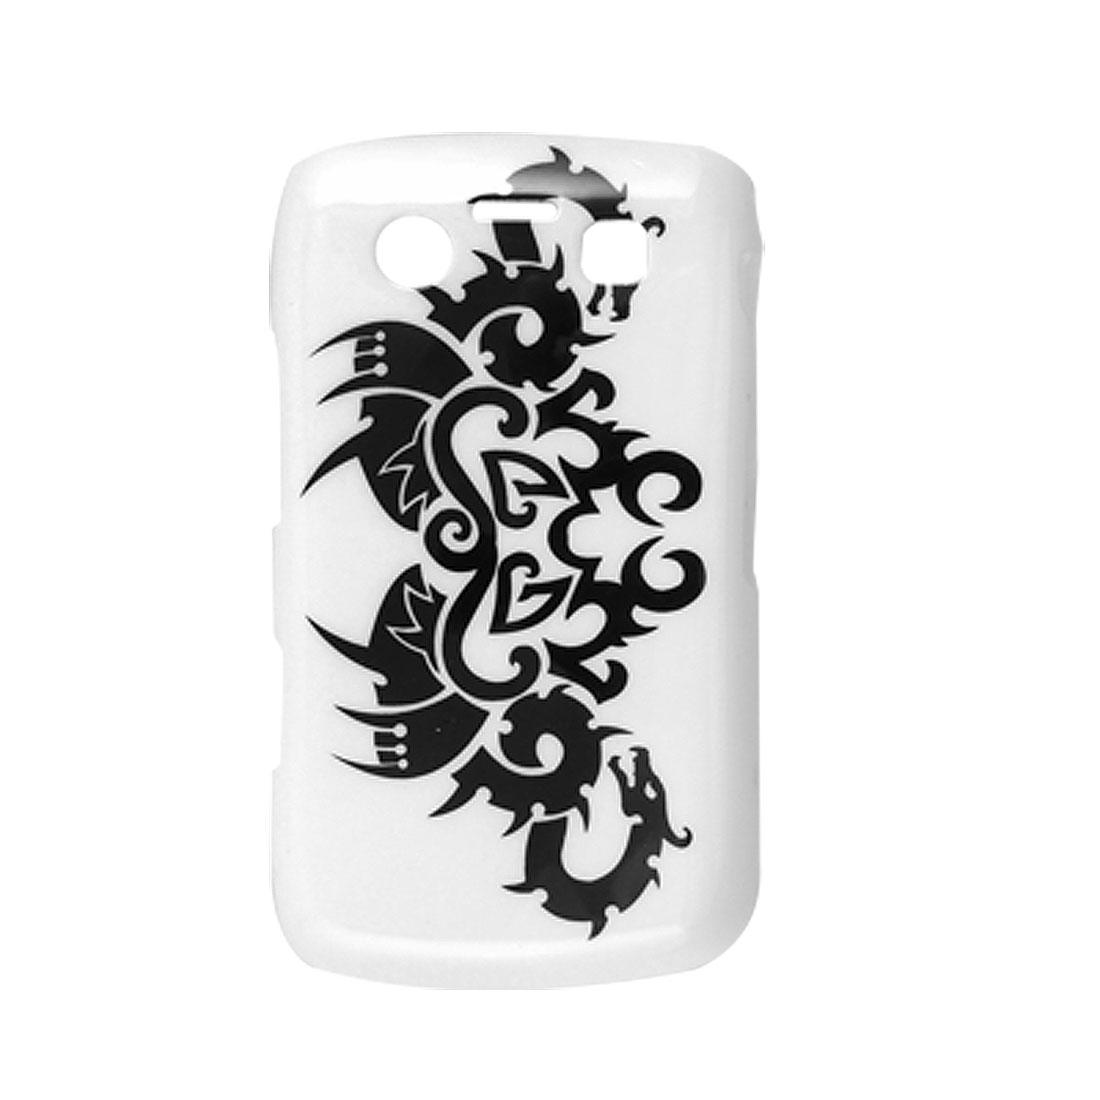 Dragon Print Cover Hard Case White for Blackberry 9700 9020